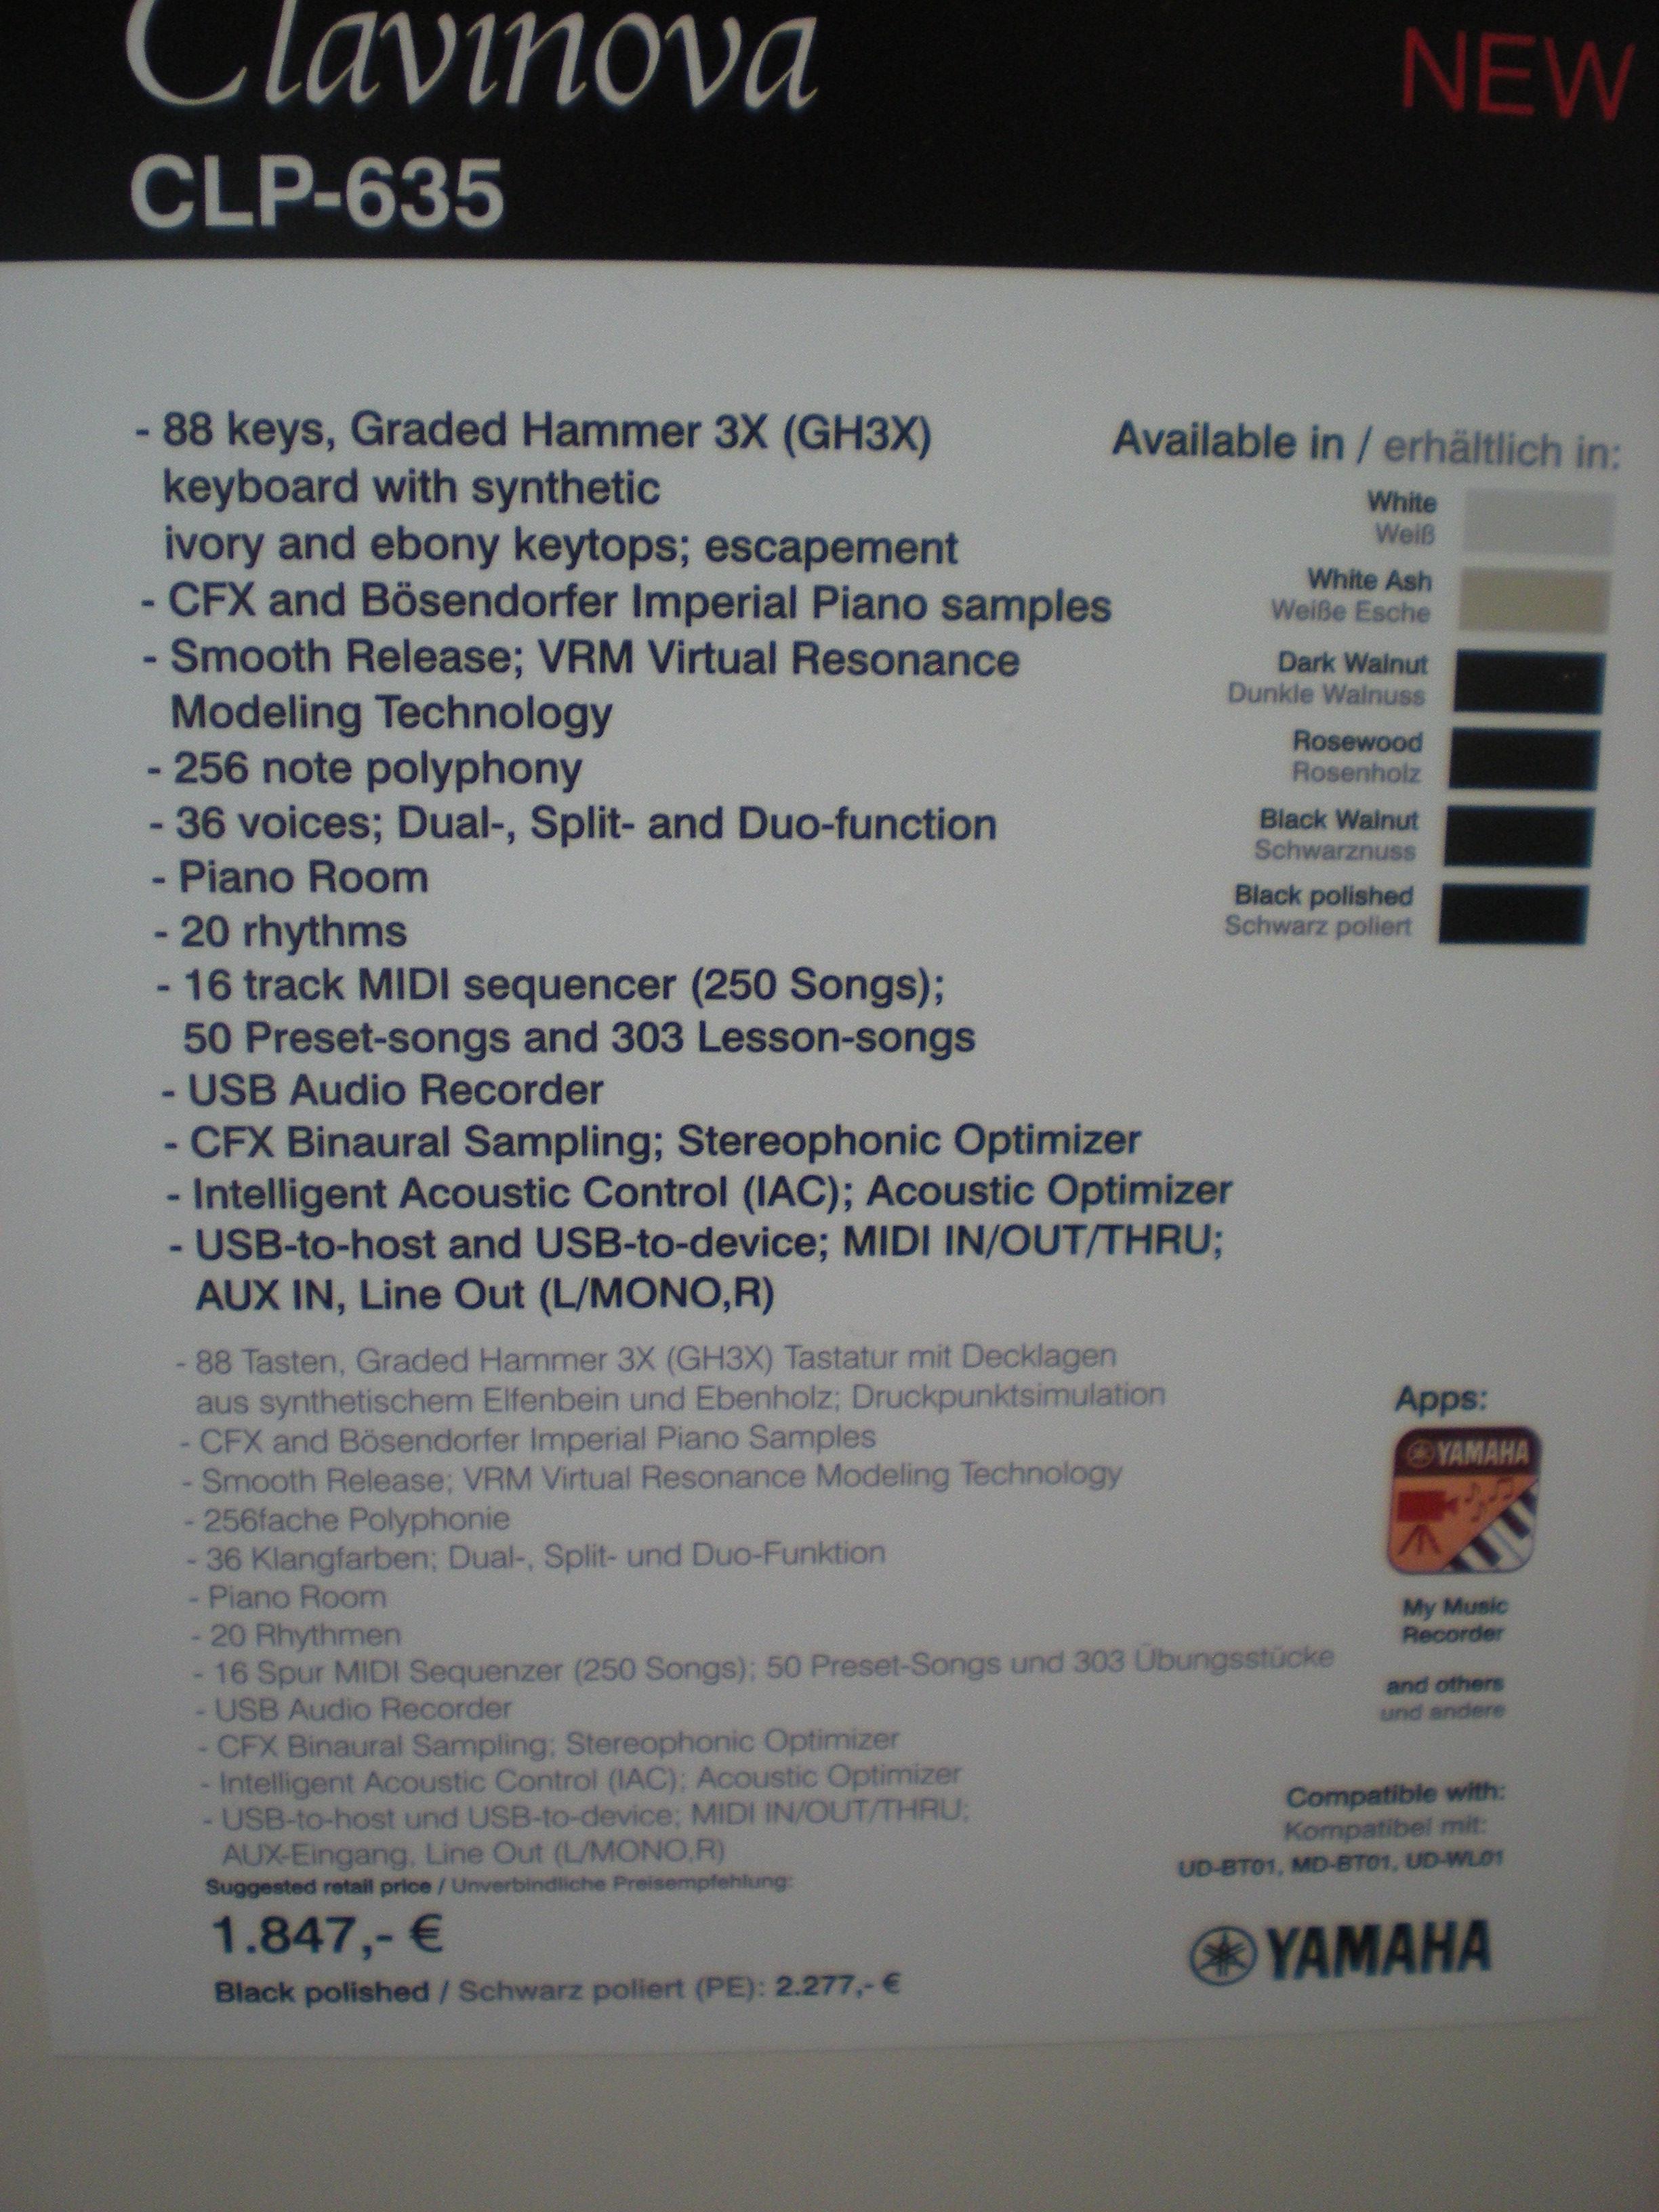 Yamaha CLP-635 - specyfikacje